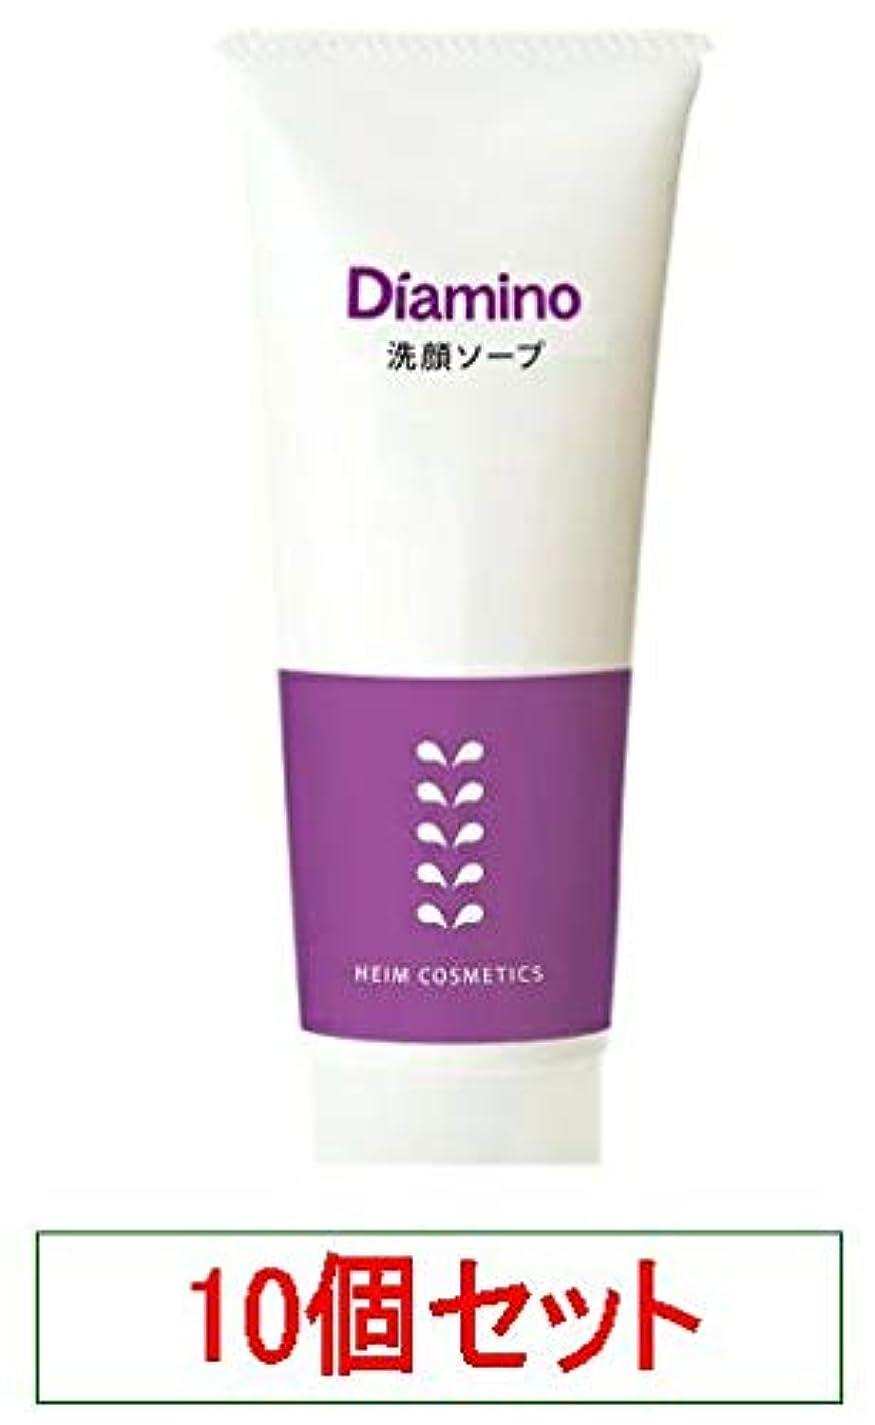 肝基本的な専らハイム ディアミノ 洗顔ソープ 100g x10個セット